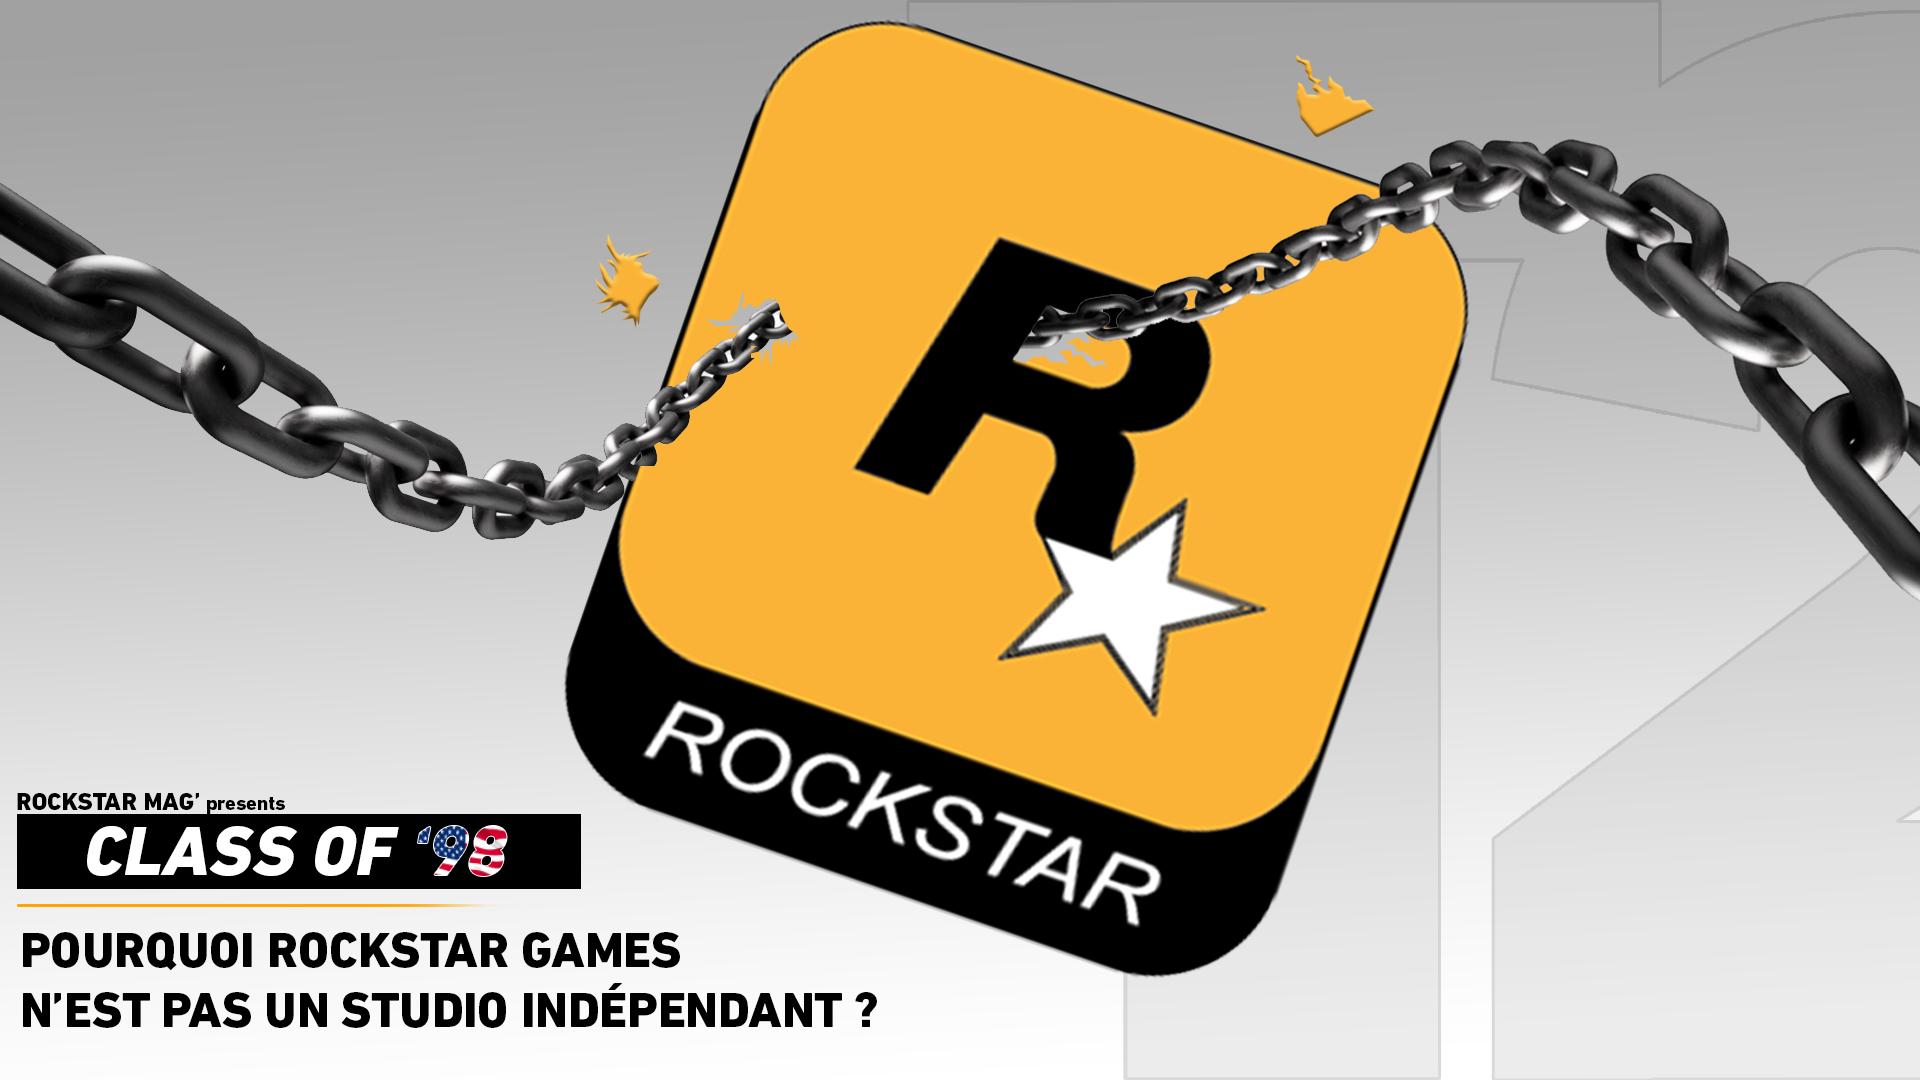 Class of '98 : Pourquoi Rockstar Games n'est pas un studio indépendant